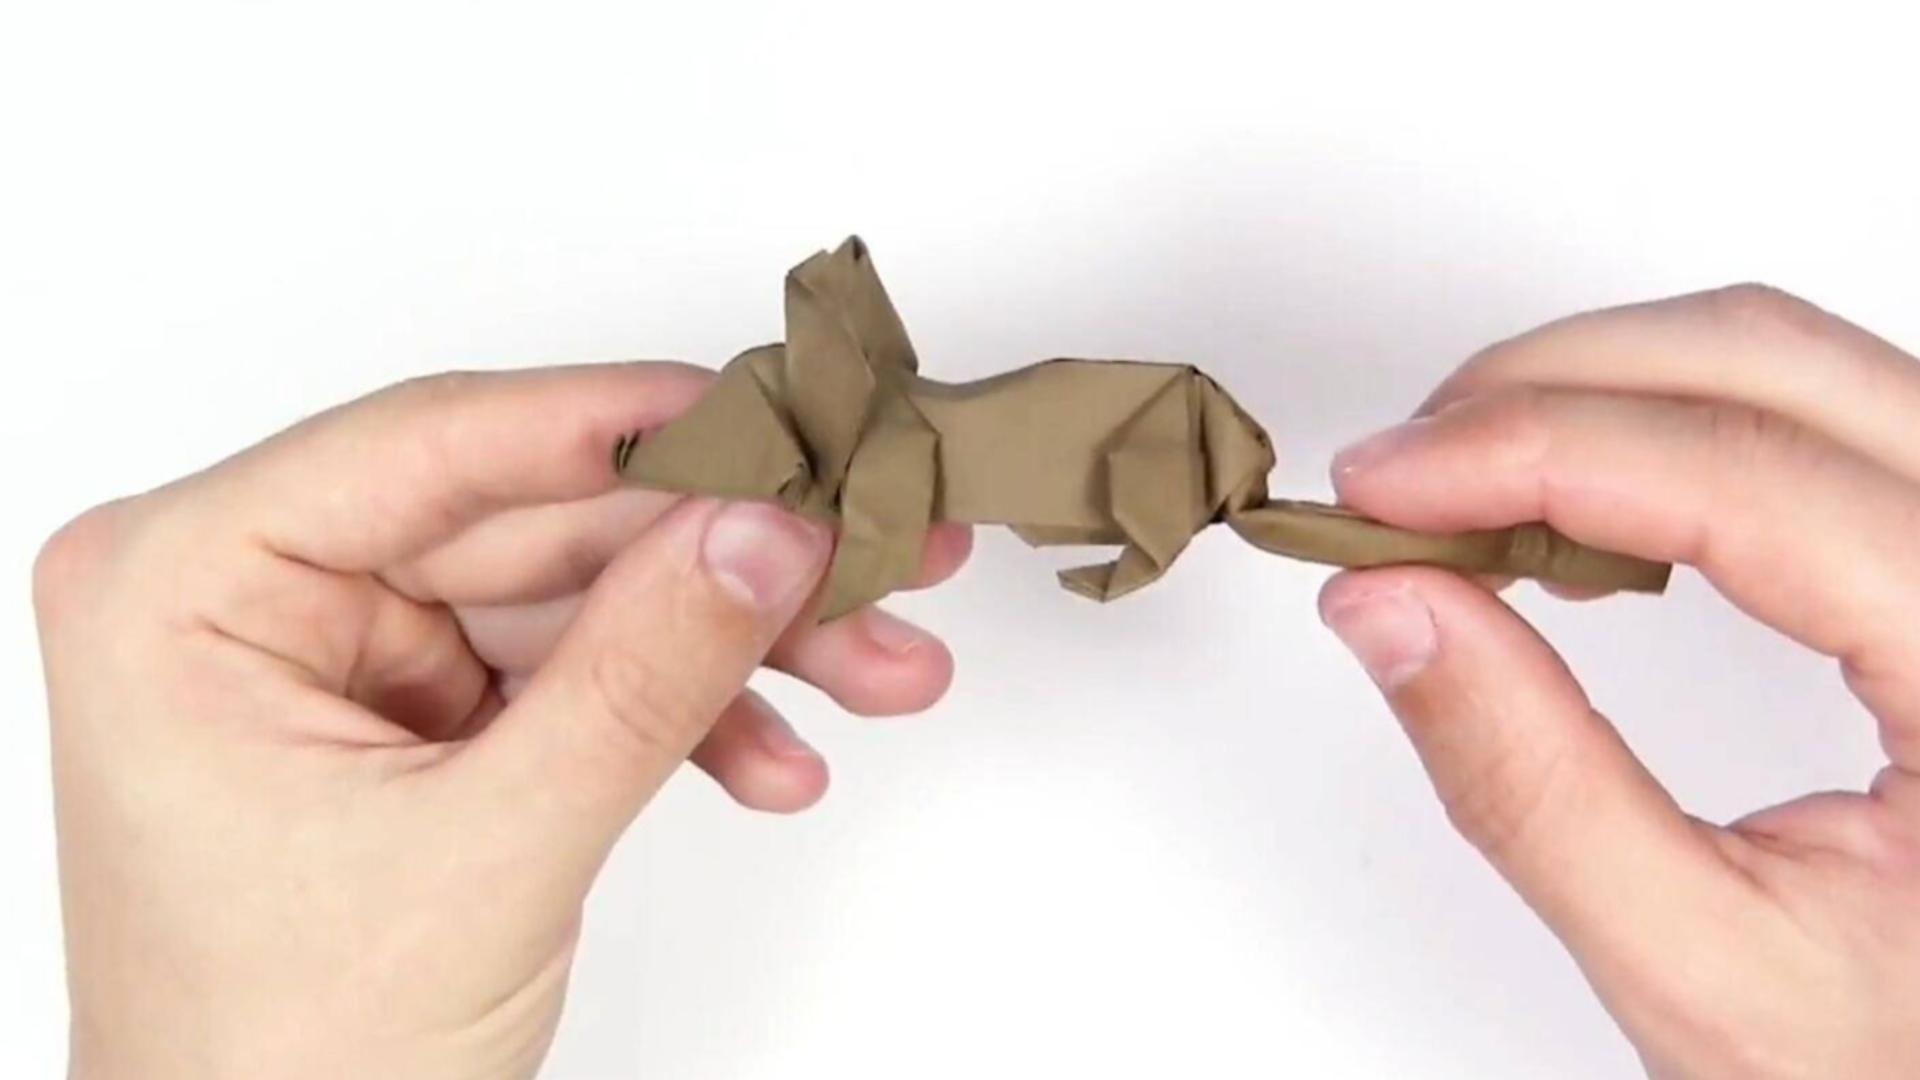 鼠年快到了,教你折纸立体小老鼠,生动活泼,惟妙惟俏!